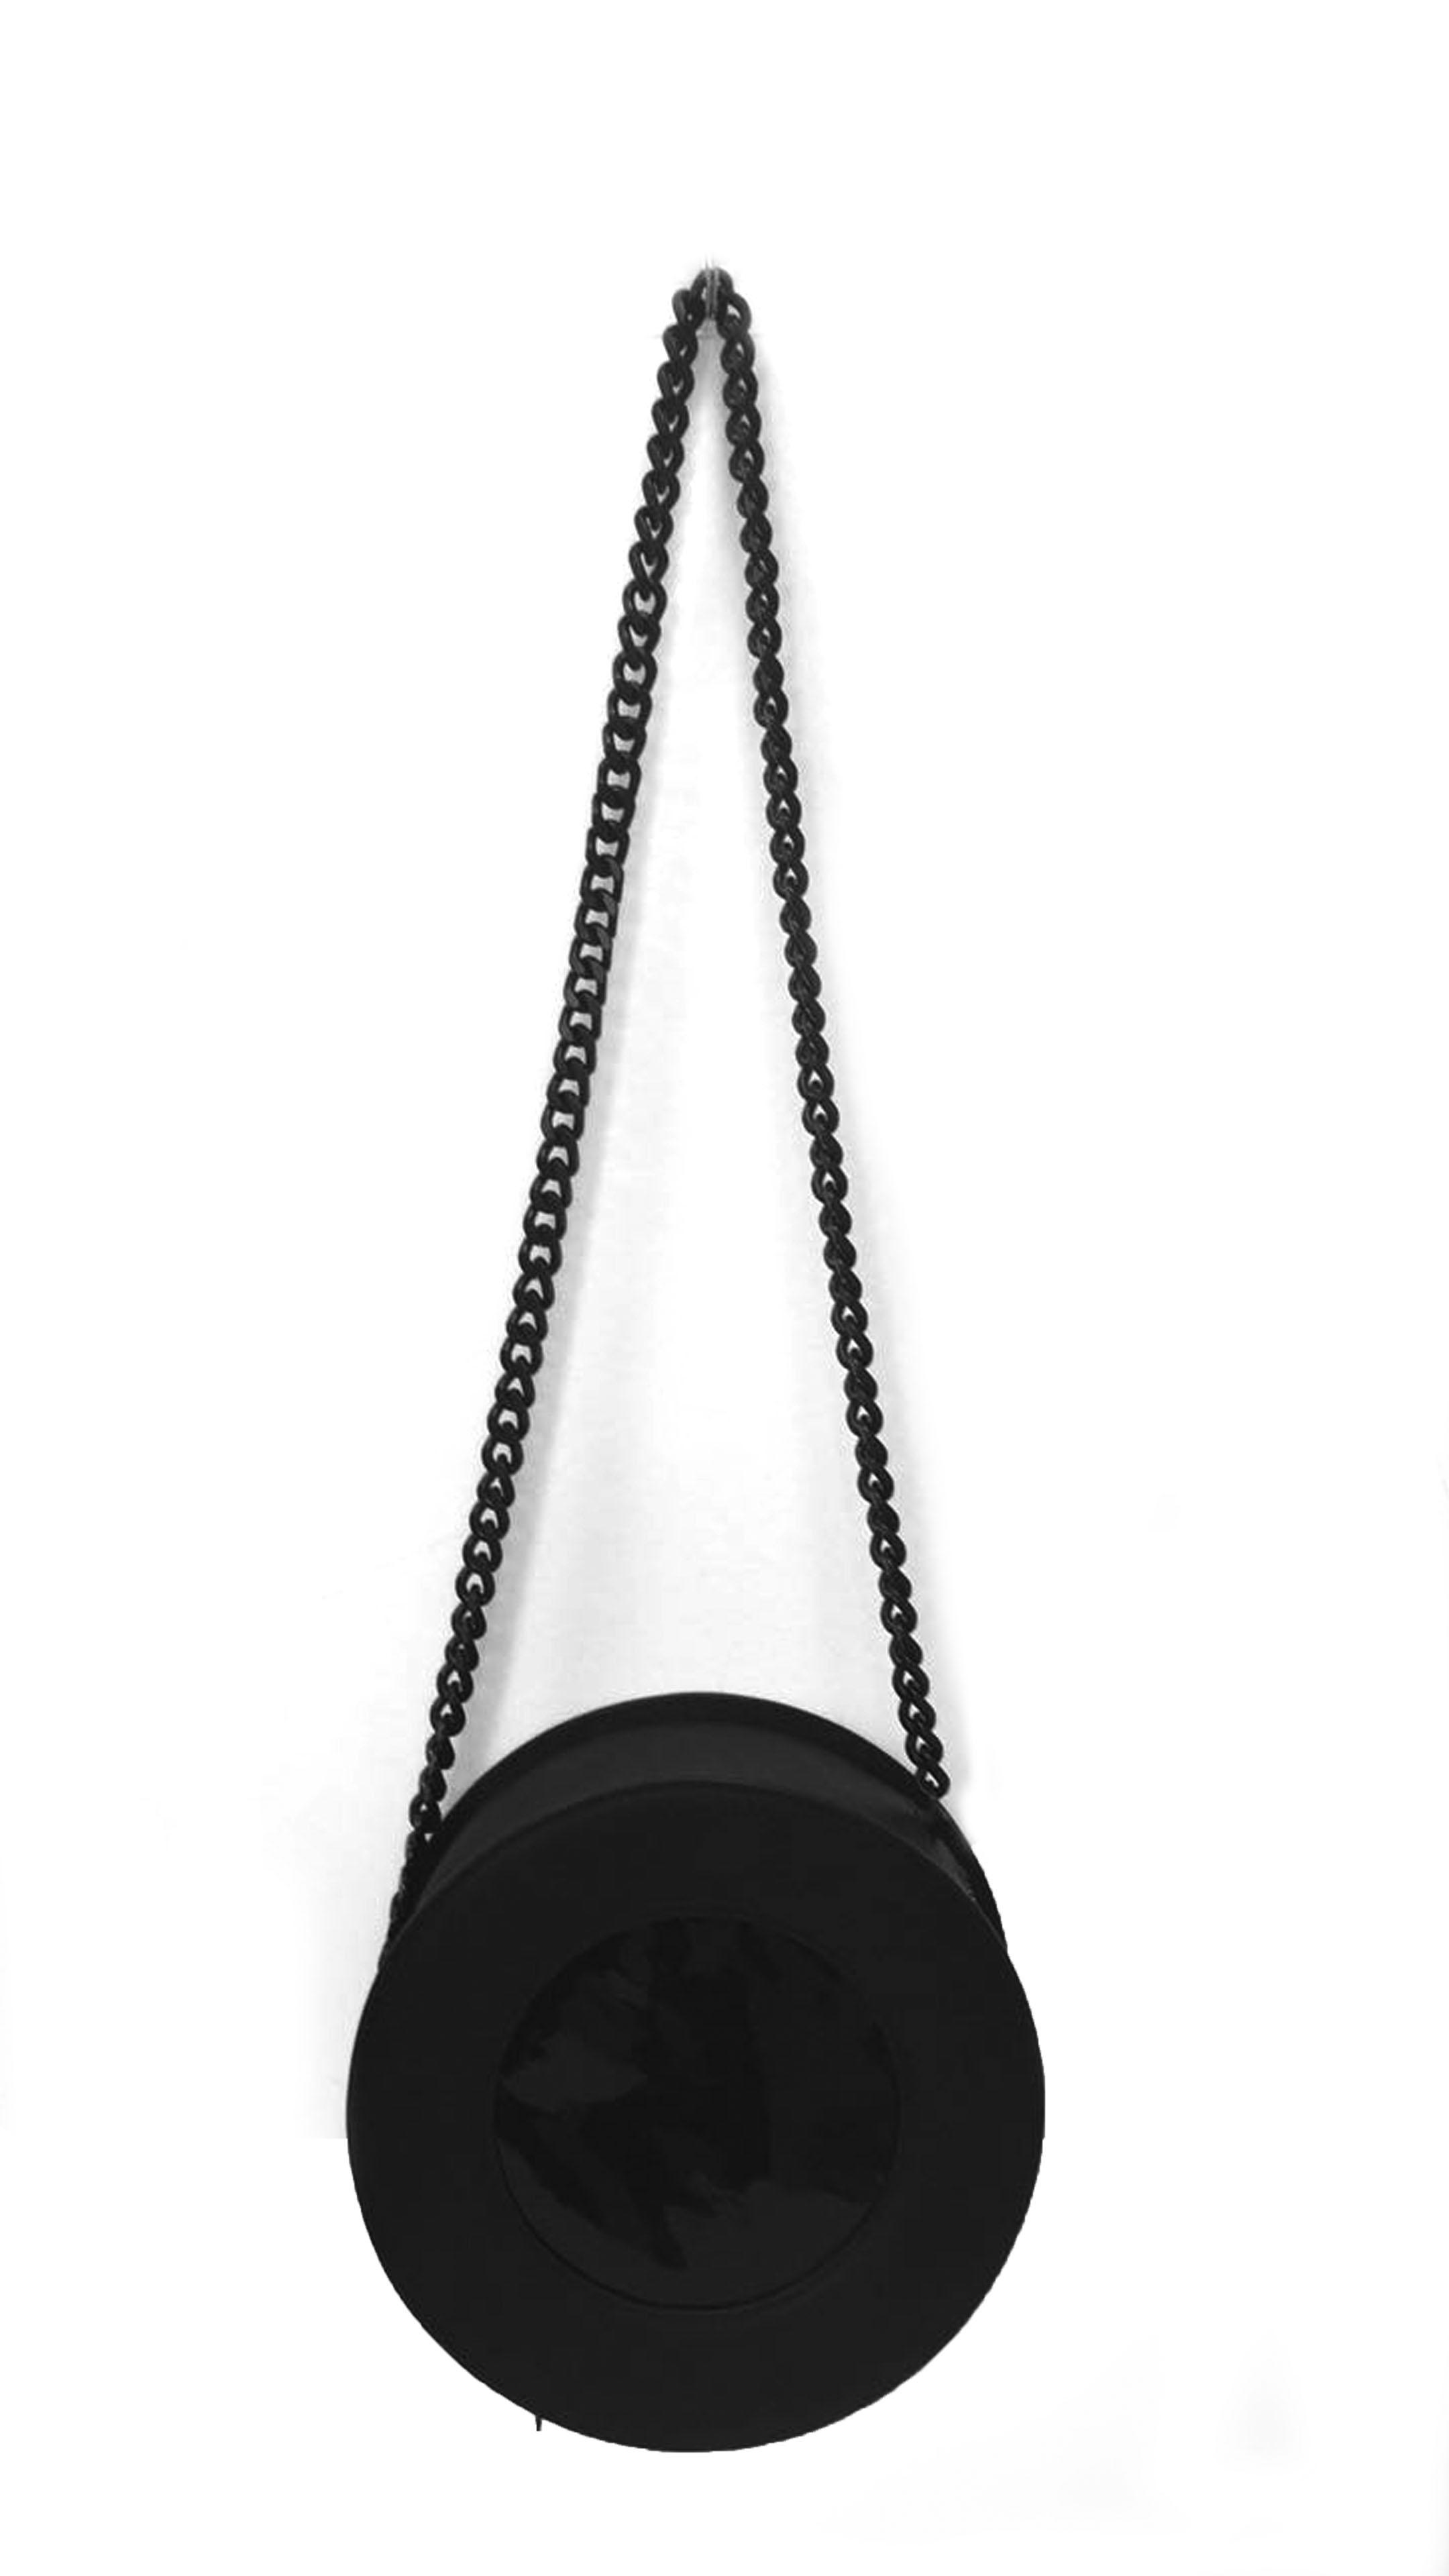 Dalita Circle Bag